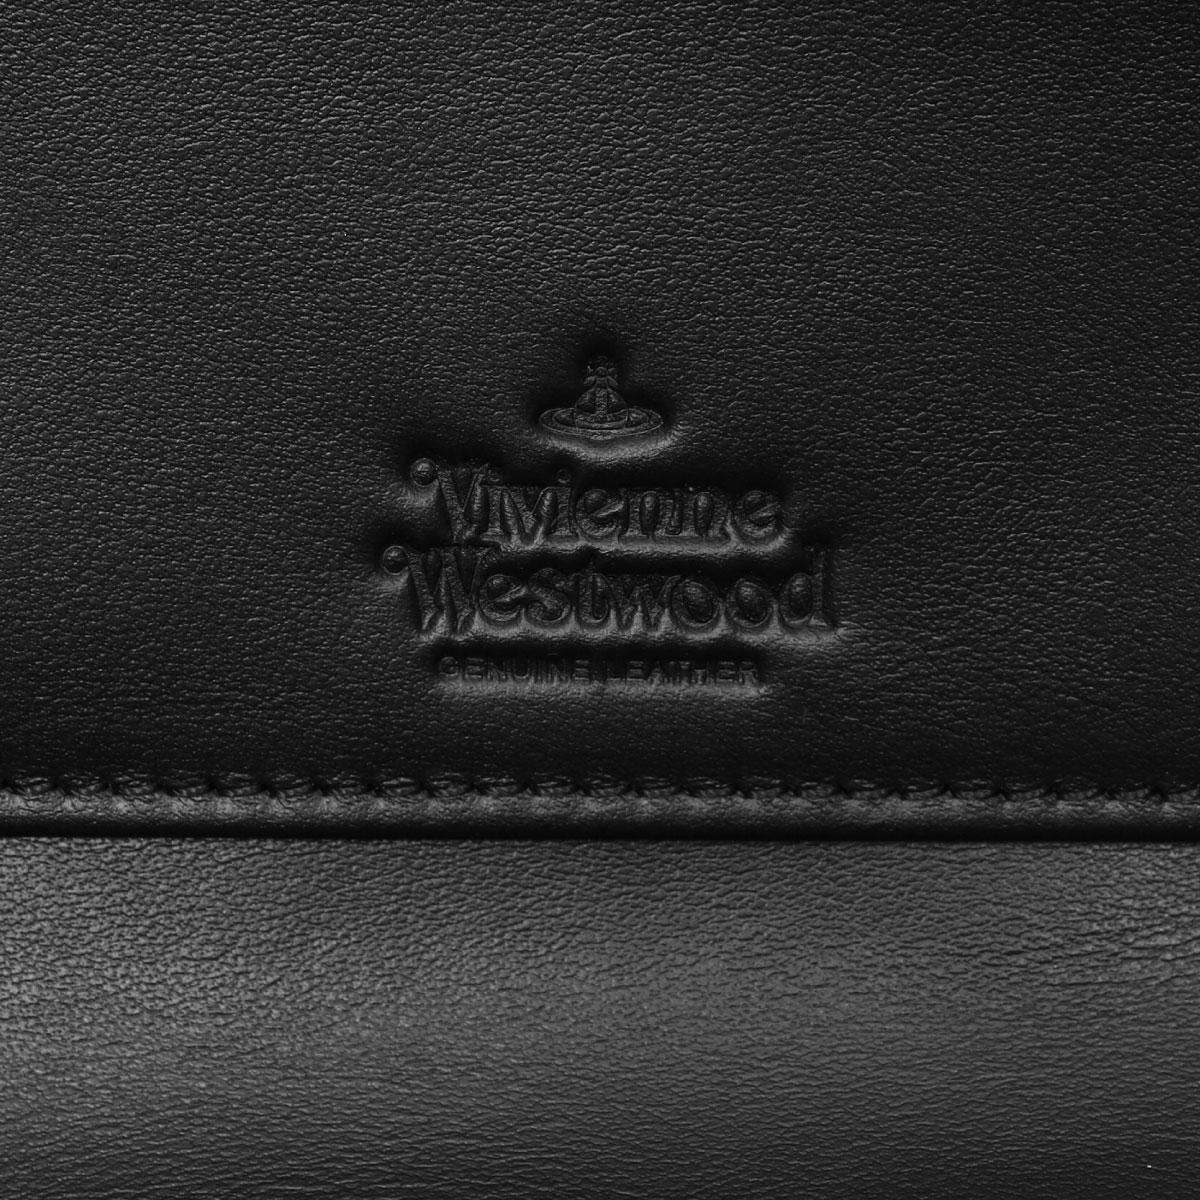 VIVIENNE WESTWOOD ヴィヴィアン ウエストウッド | ラウンドファスナー長財布 | JOSEPHINE ジョセフィーヌ